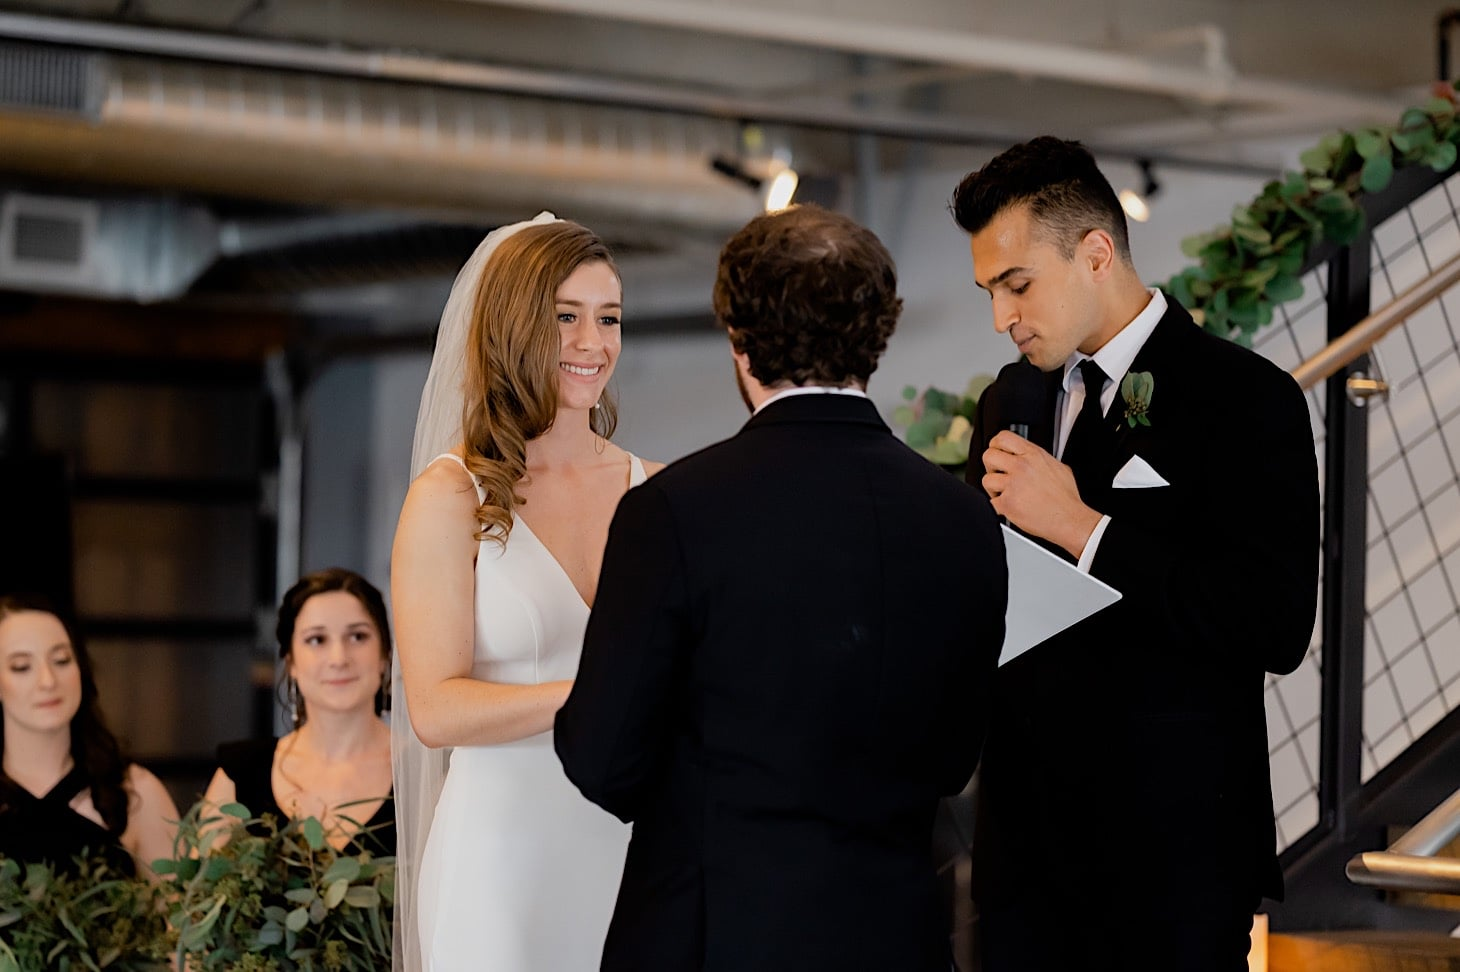 wedding vows at River Center Des Moines